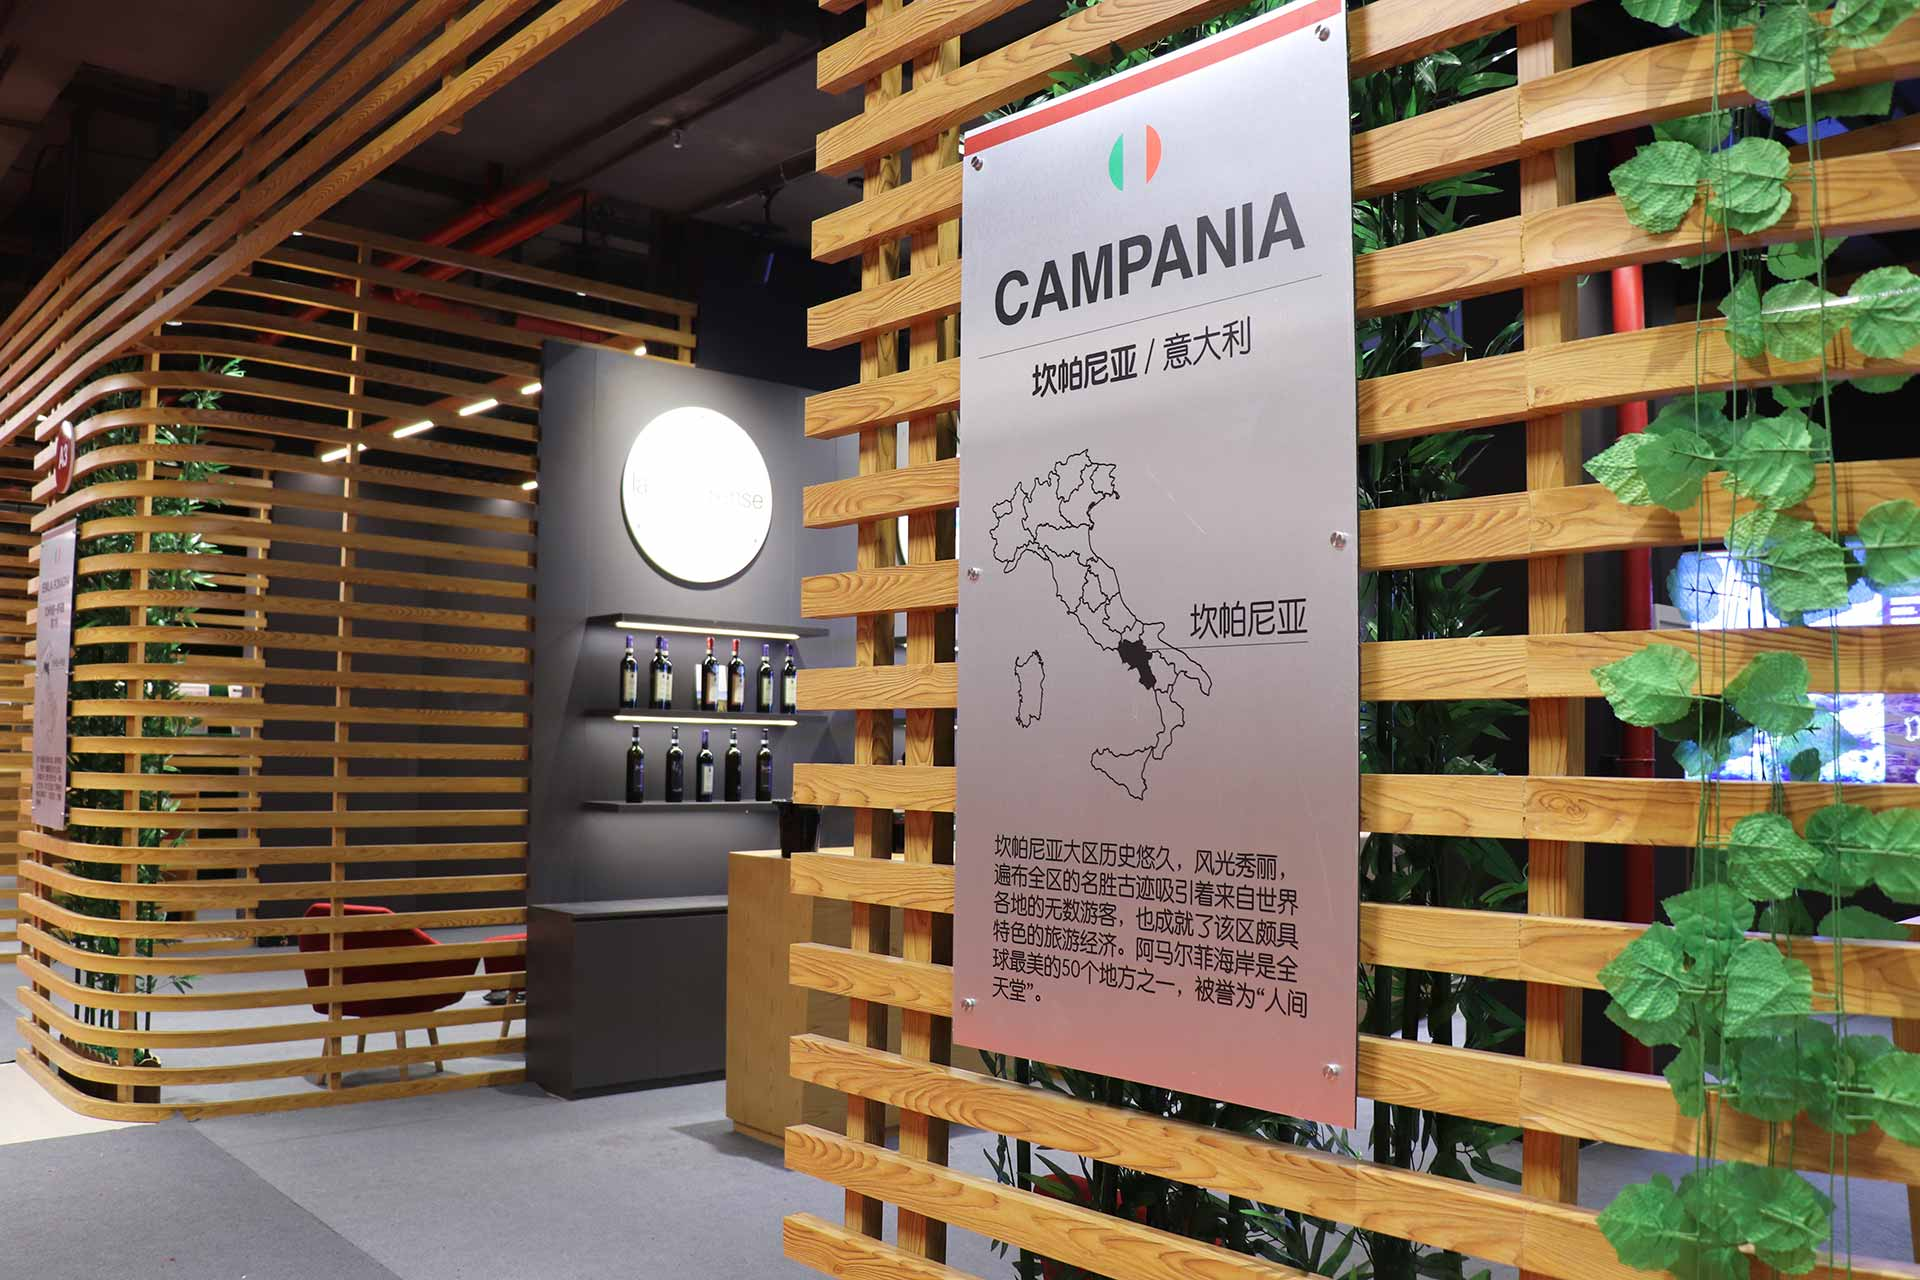 qwine-expo-padiglione-italia-03